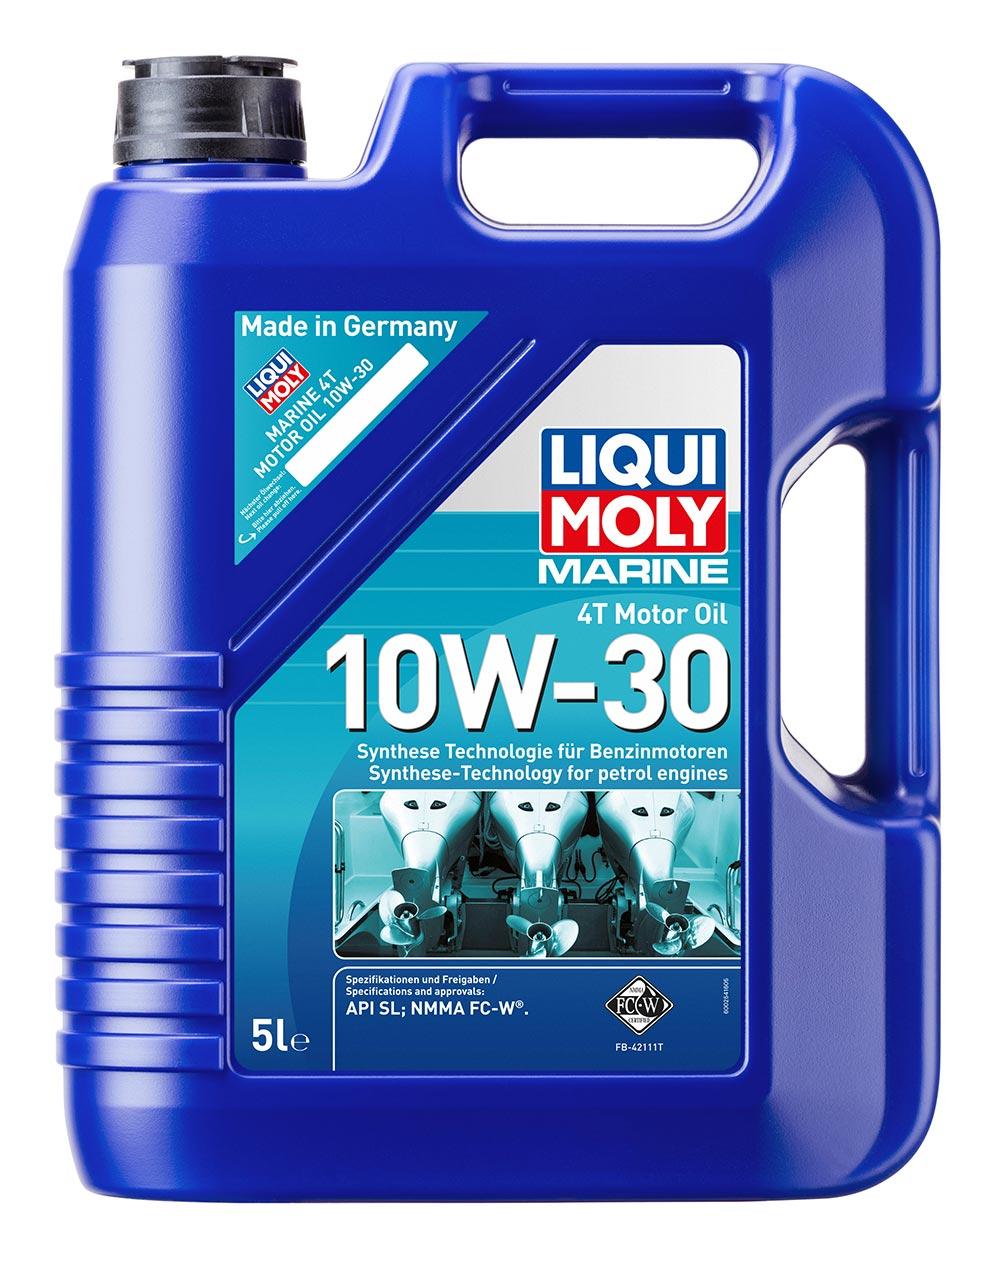 Масло моторное синт.Marine 4T Motor Oil 10W-30 API SLNMMA FC-W® 5л